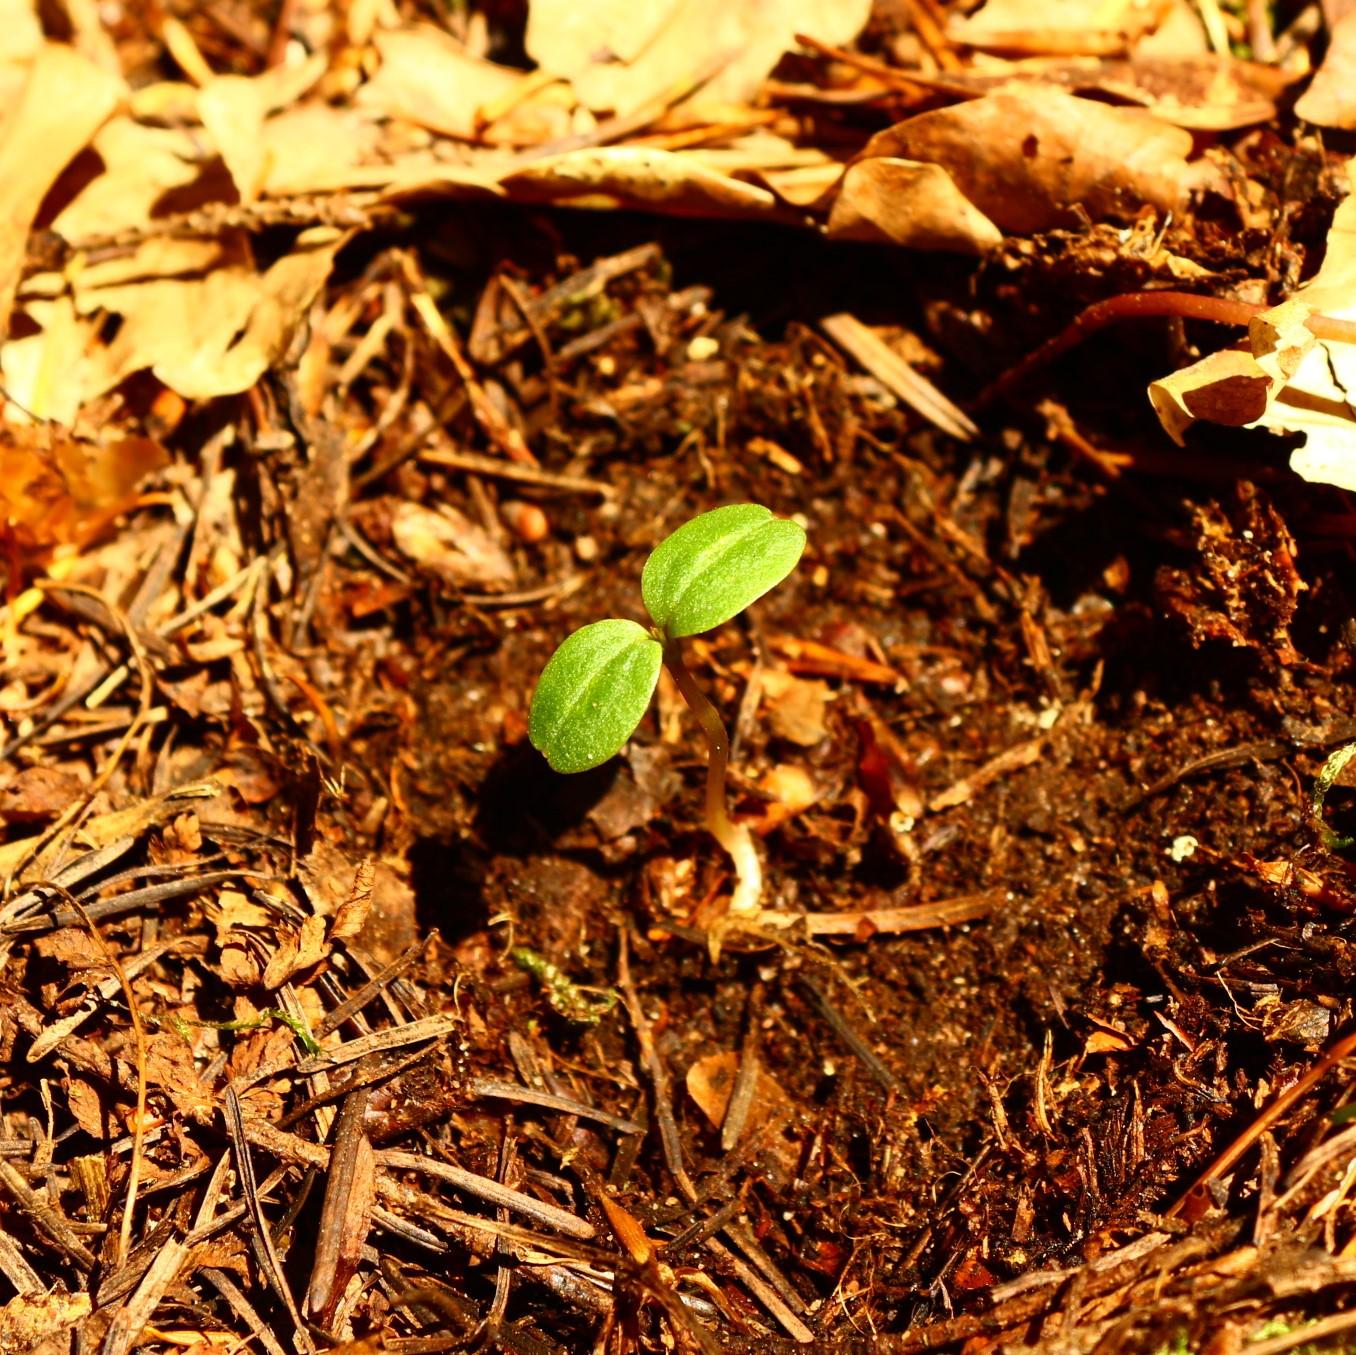 Ein neu gepflanzter Baum ist zu sehen